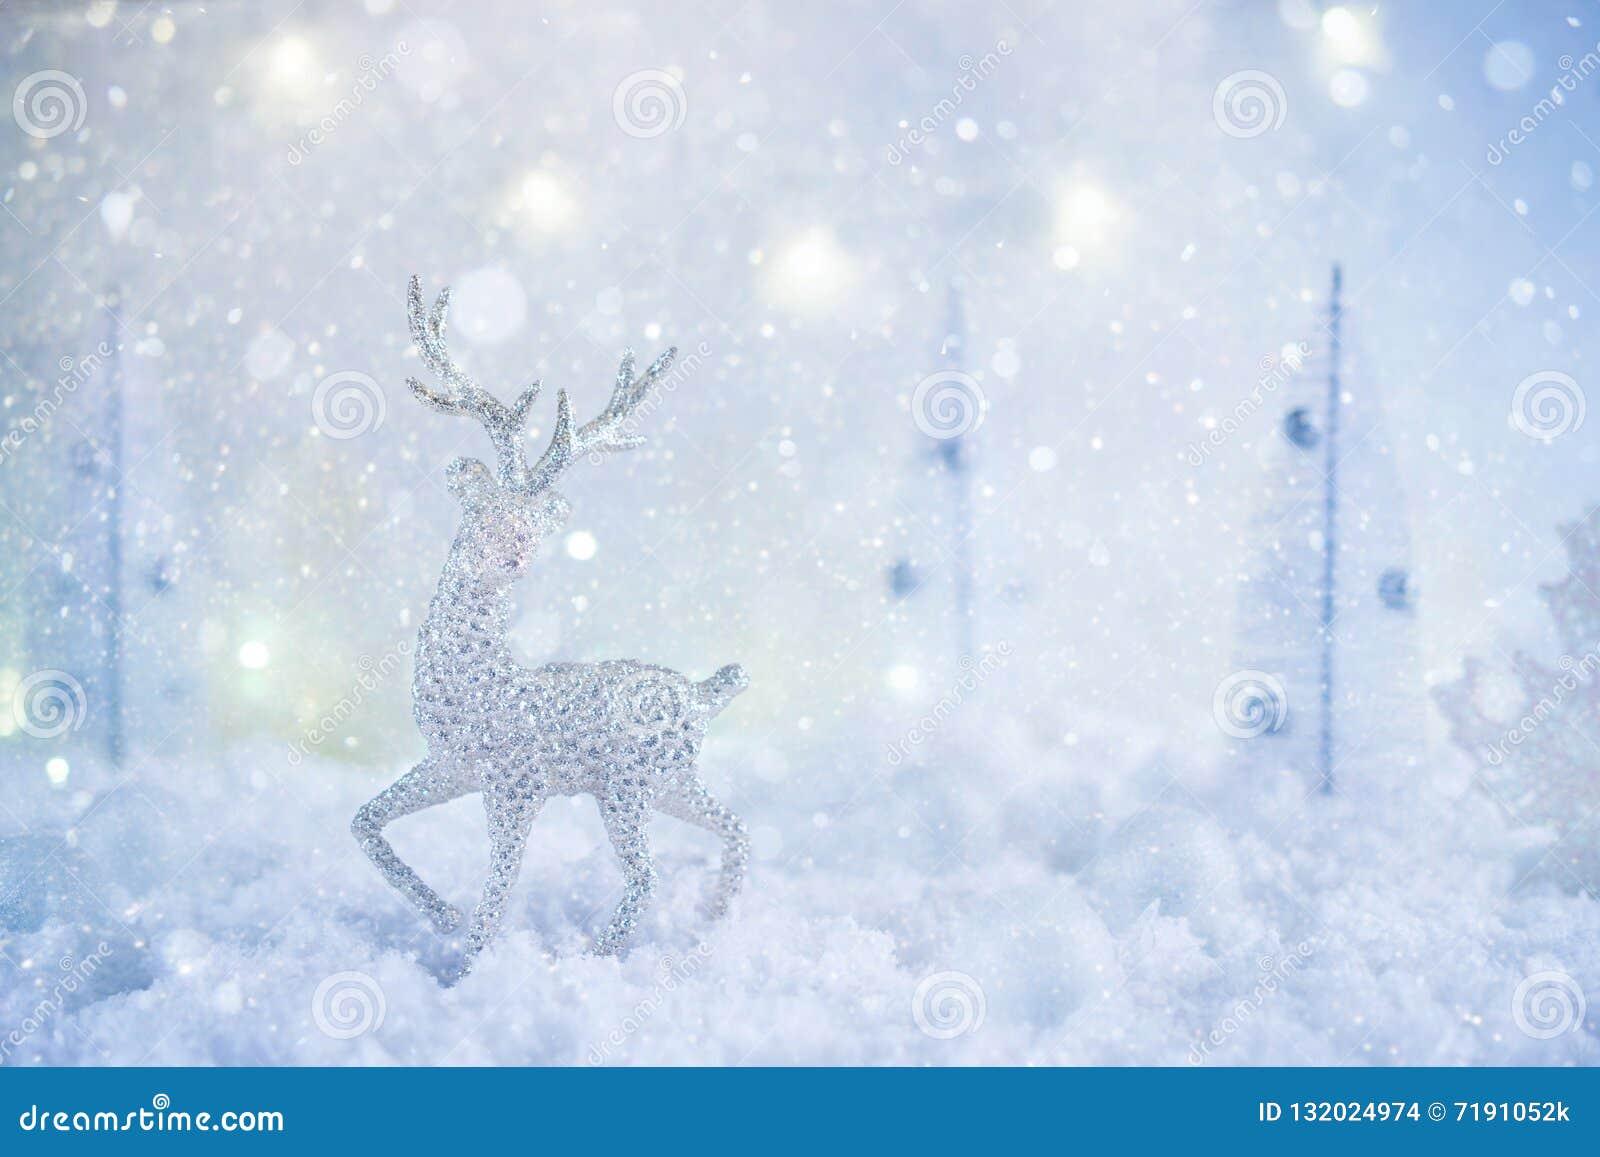 Ijzig de wintersprookjesland met stuk speelgoed herten, sneeuwval en magische lichten